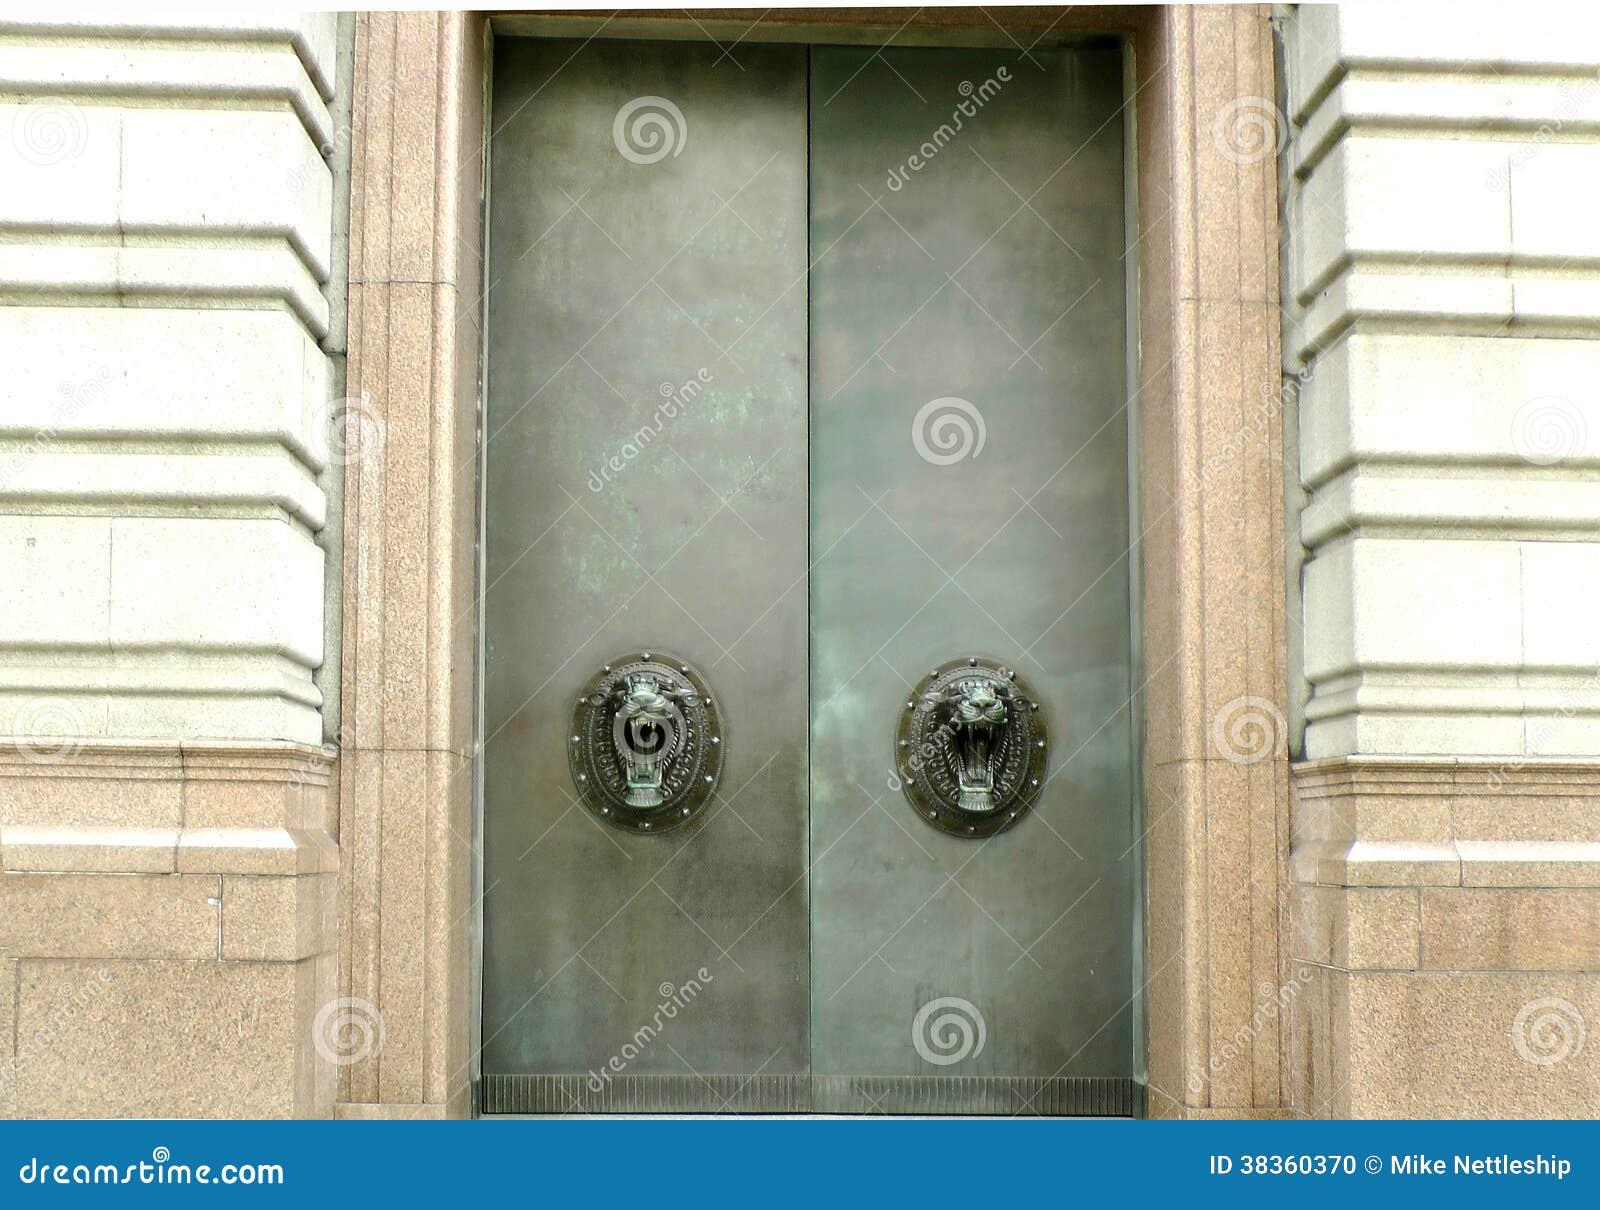 Big Metal Door : Large metal doors with lion handles stock photo image of